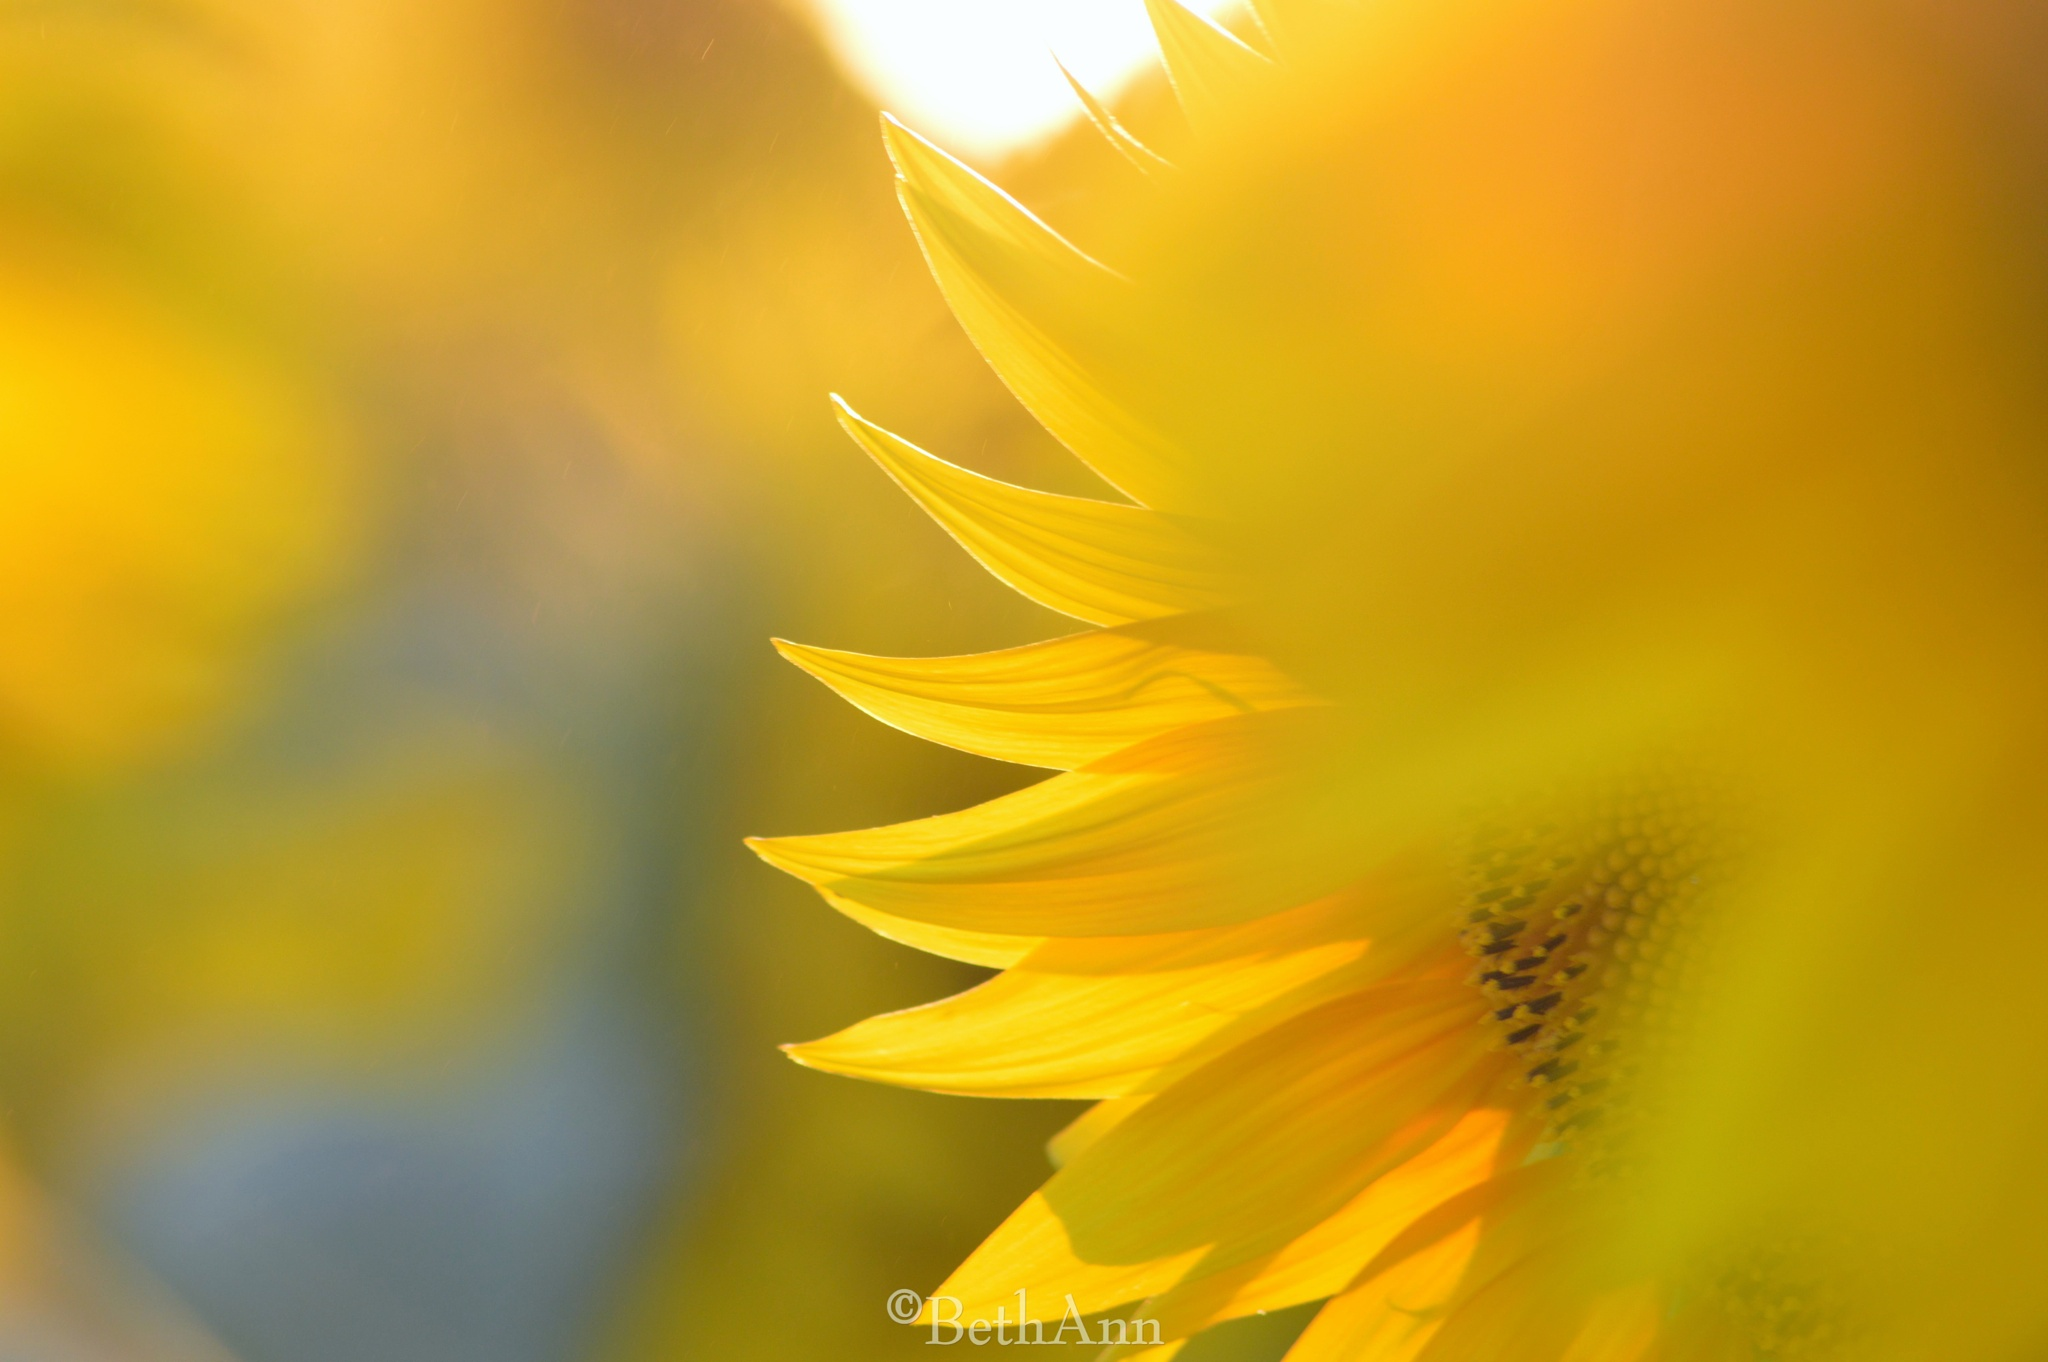 Sunflower by beth.bragawnettleton